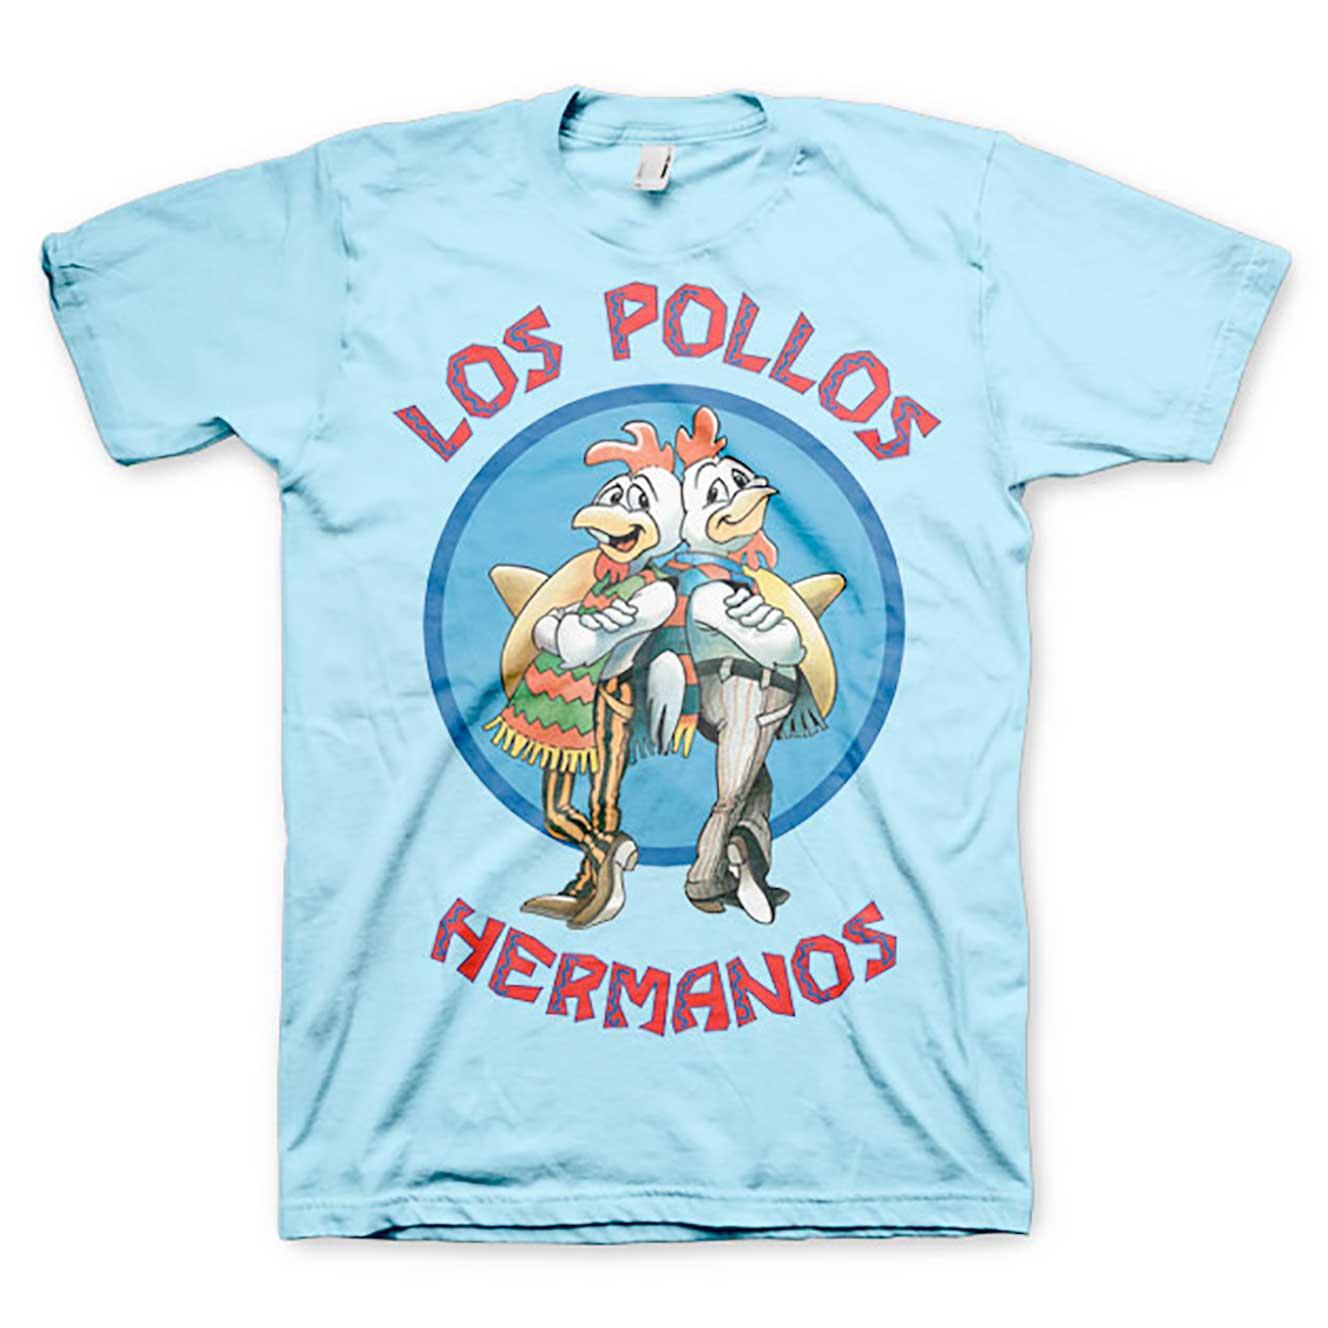 breaking-bad-los-pollos-hermanos-t-shirt